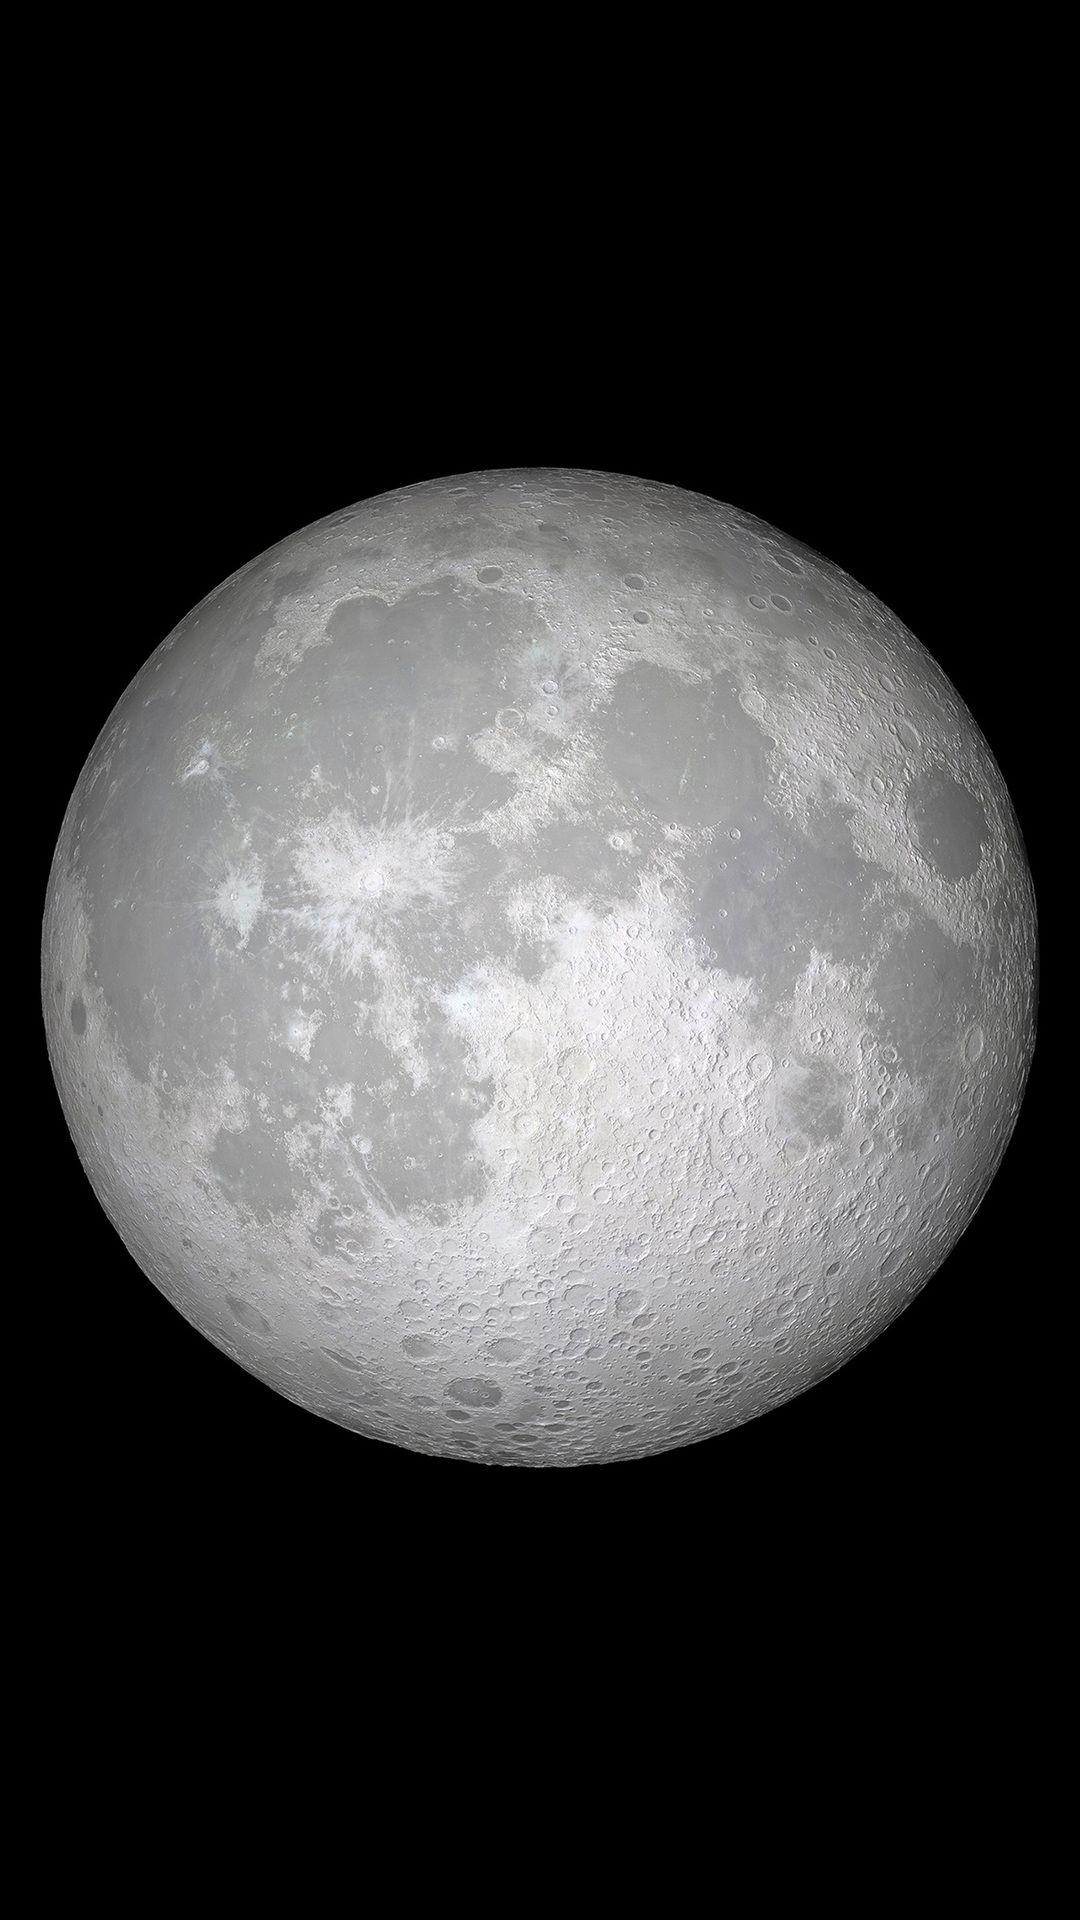 Ios 11 Moon 4k In 1080x1920 Resolution Duvar Kagitlari Soyut Fotografcilik Iphone Duvar Kagitlari